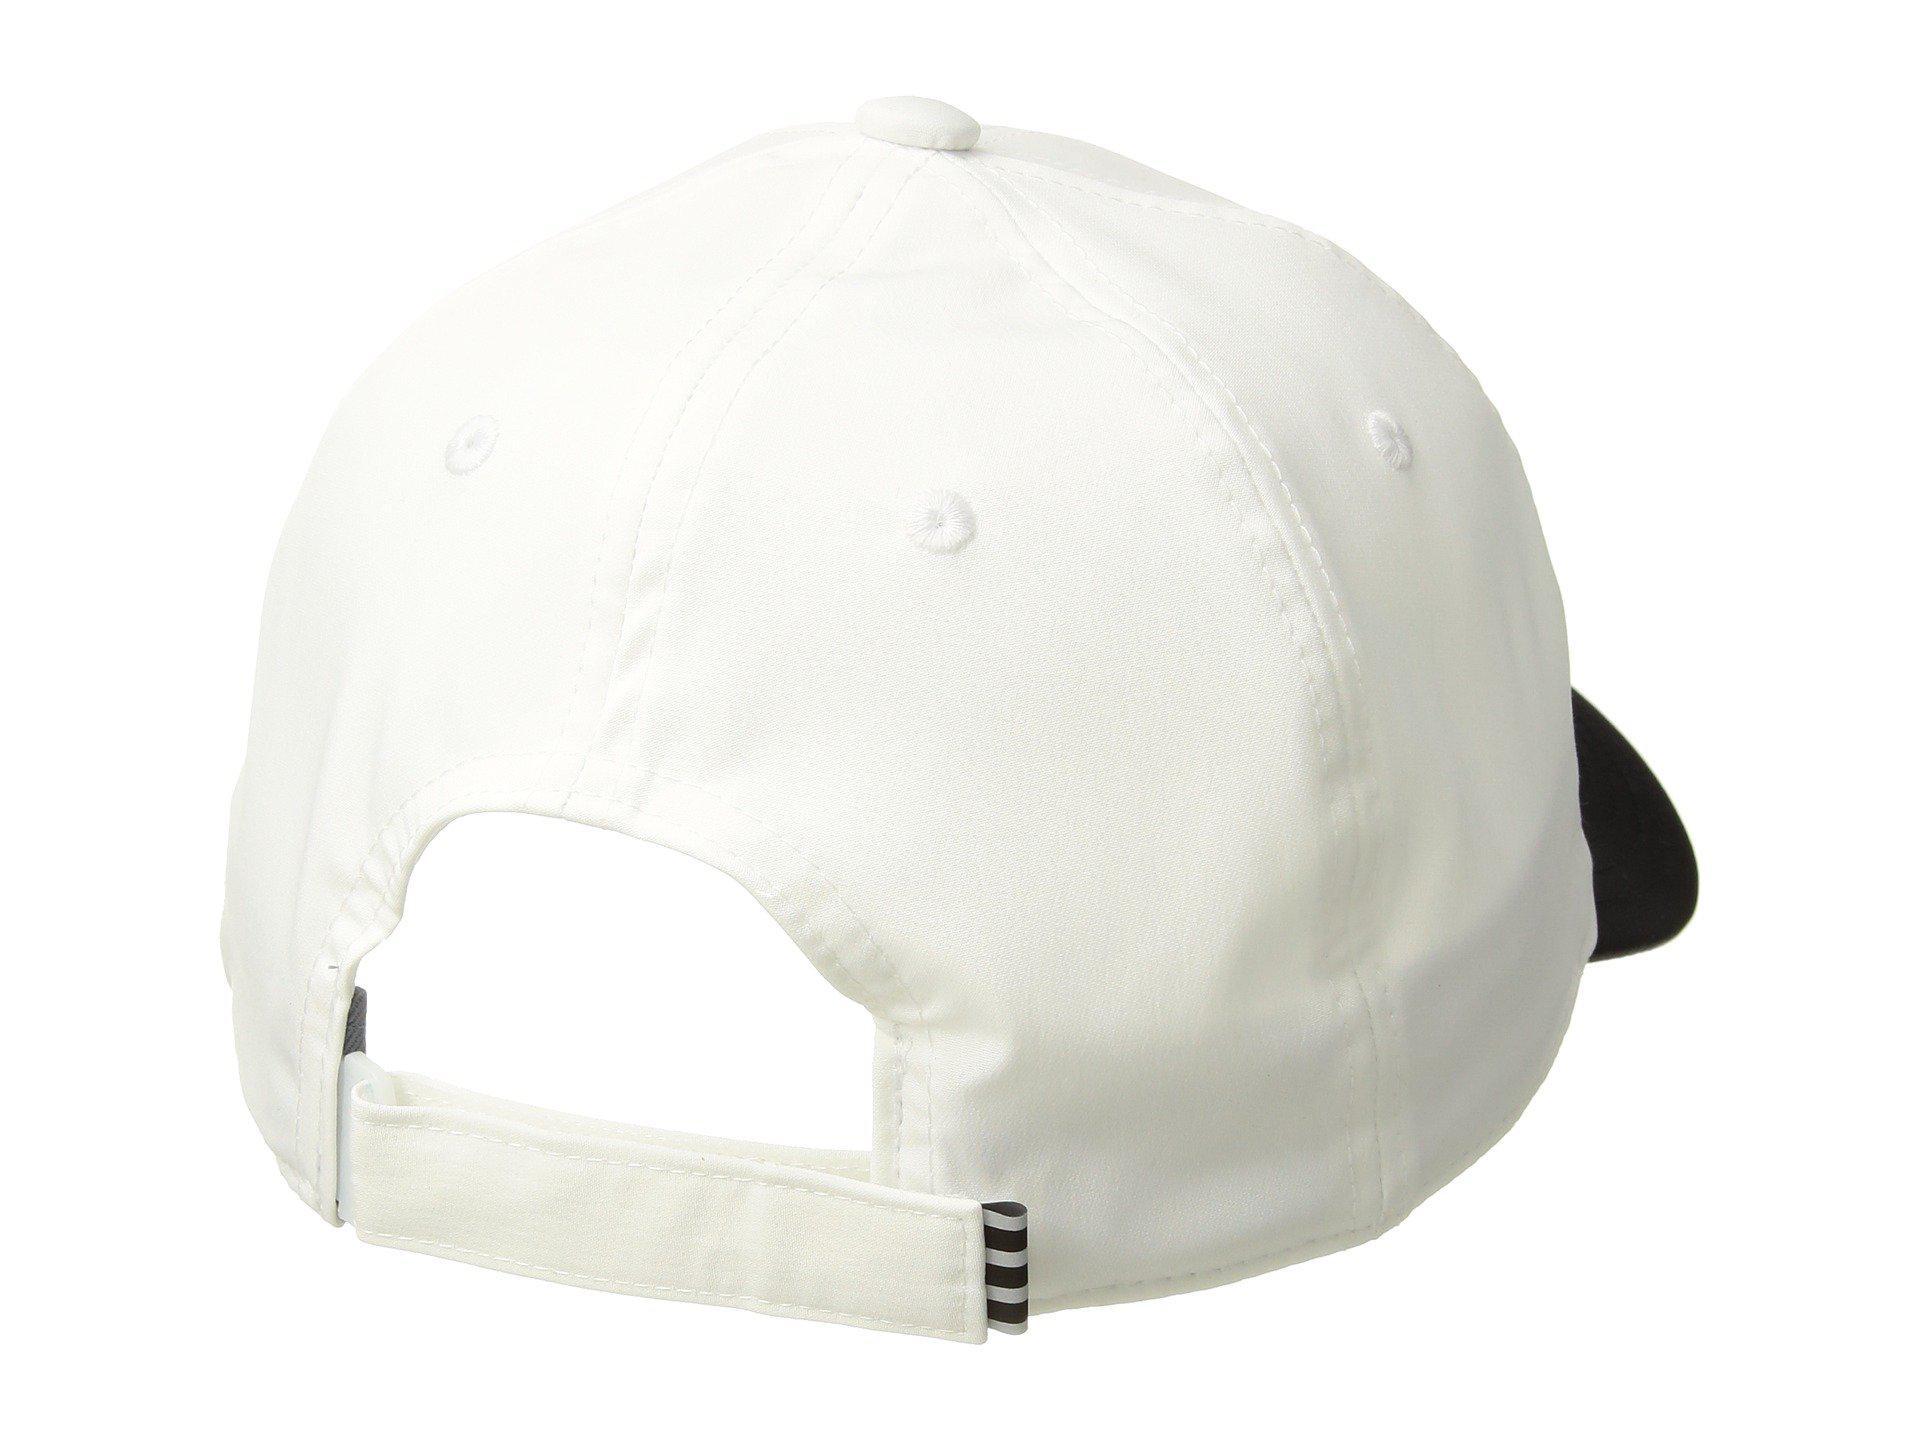 ec0310558cc Lyst - adidas Originals Originals Decon Ii Curved Brimmer (white ...